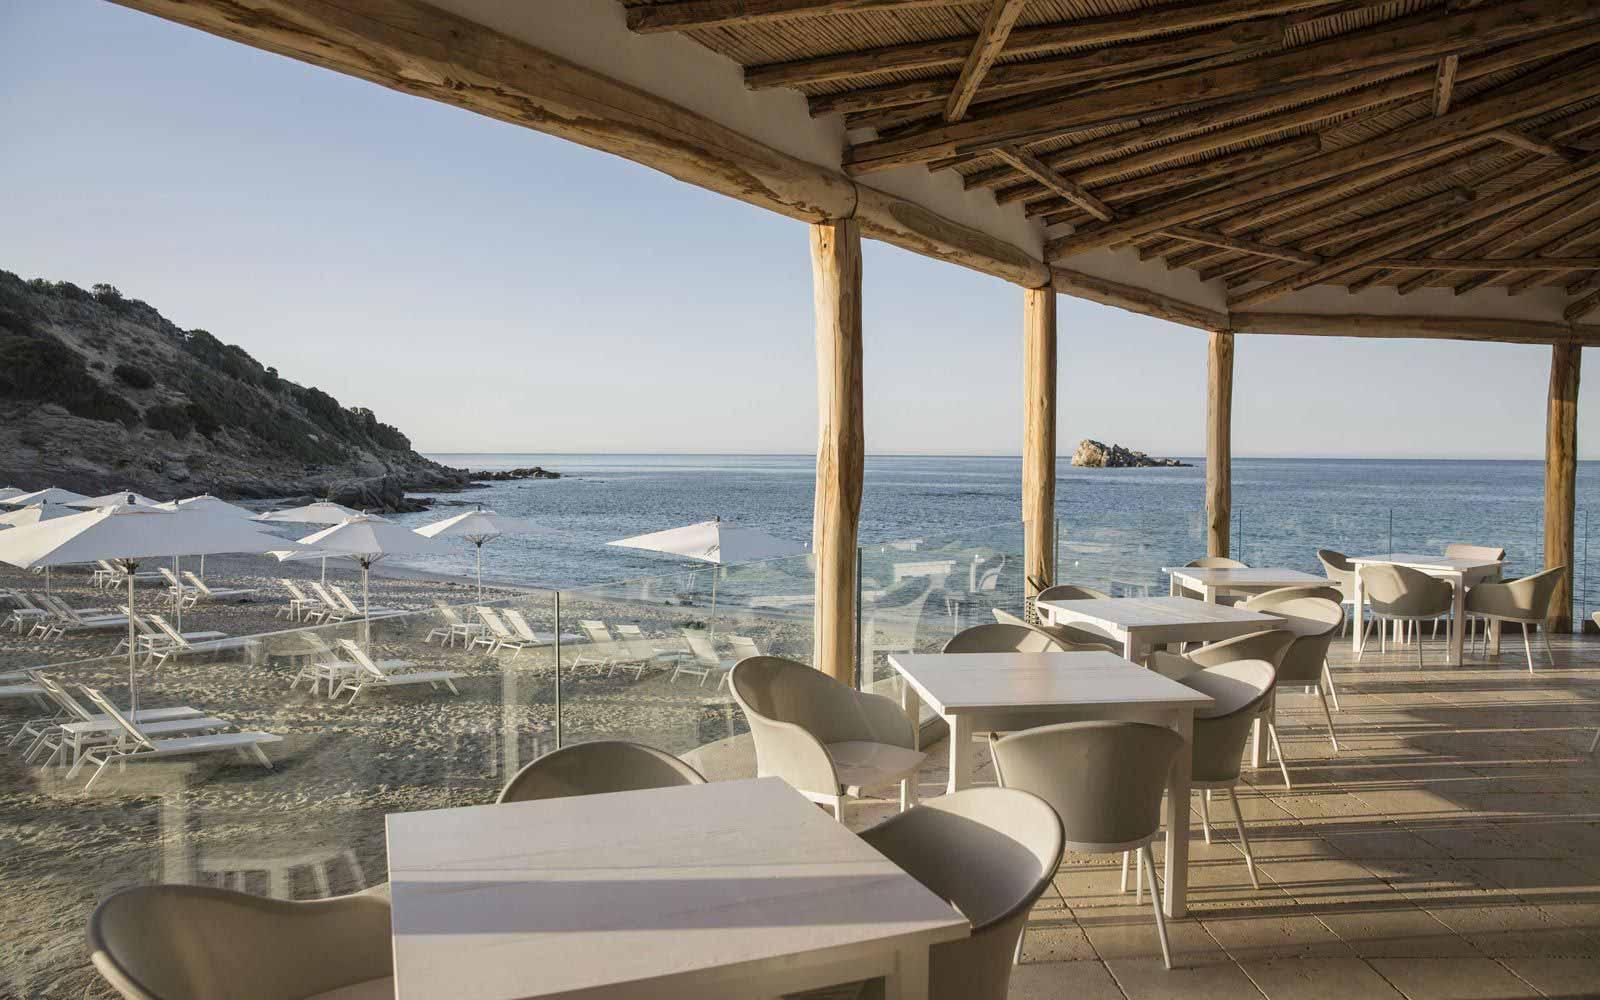 Beach Restaurant at Falkensteiner Resort Capo Boi